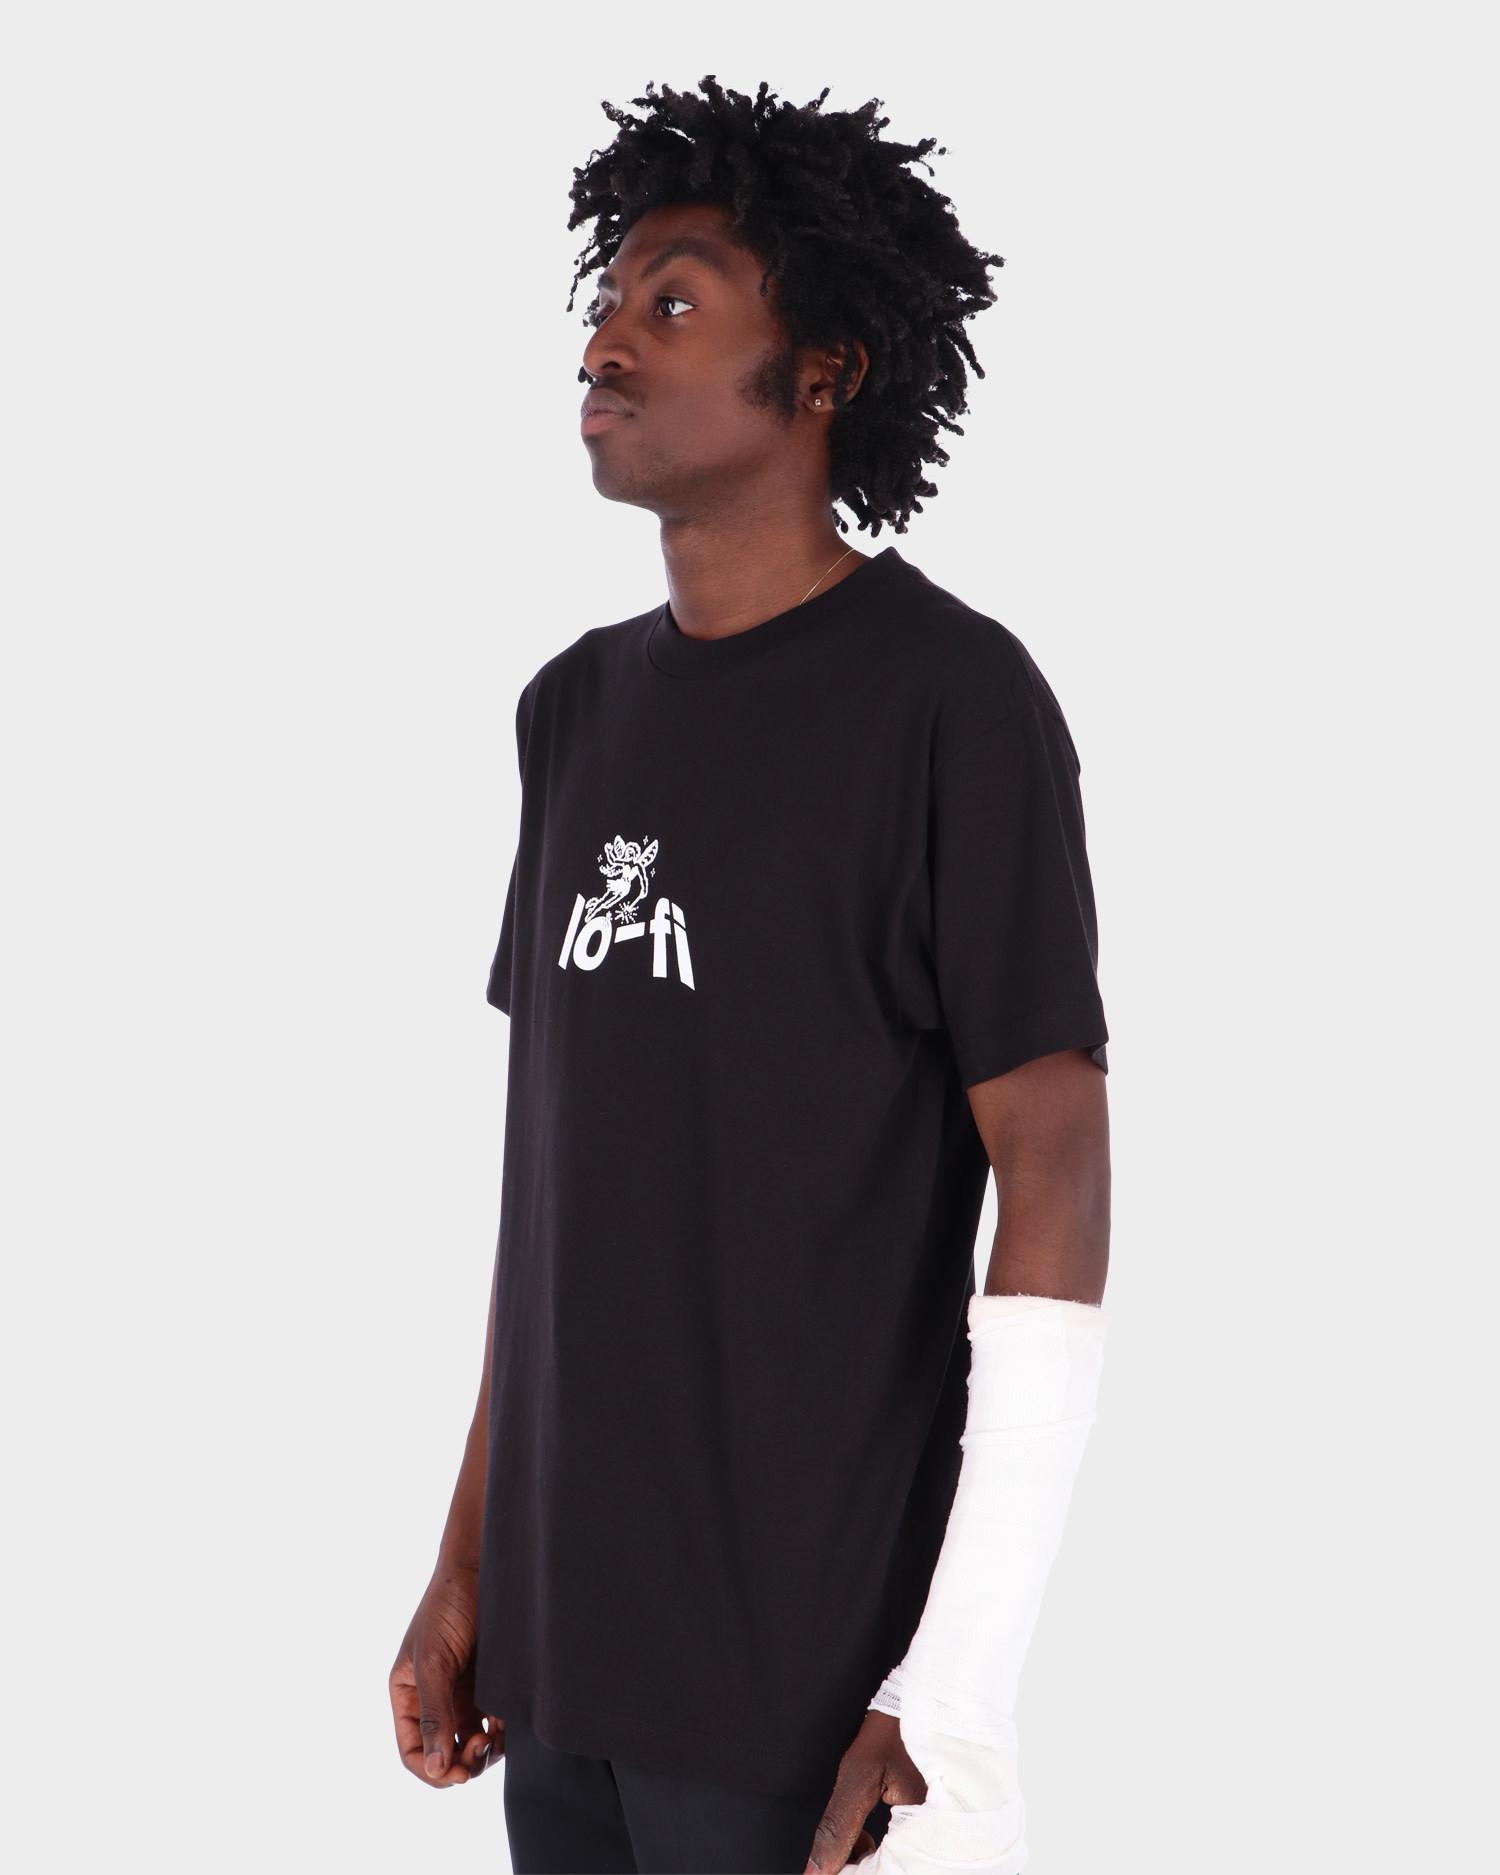 Lo-Fi Wish Logo Tee Black